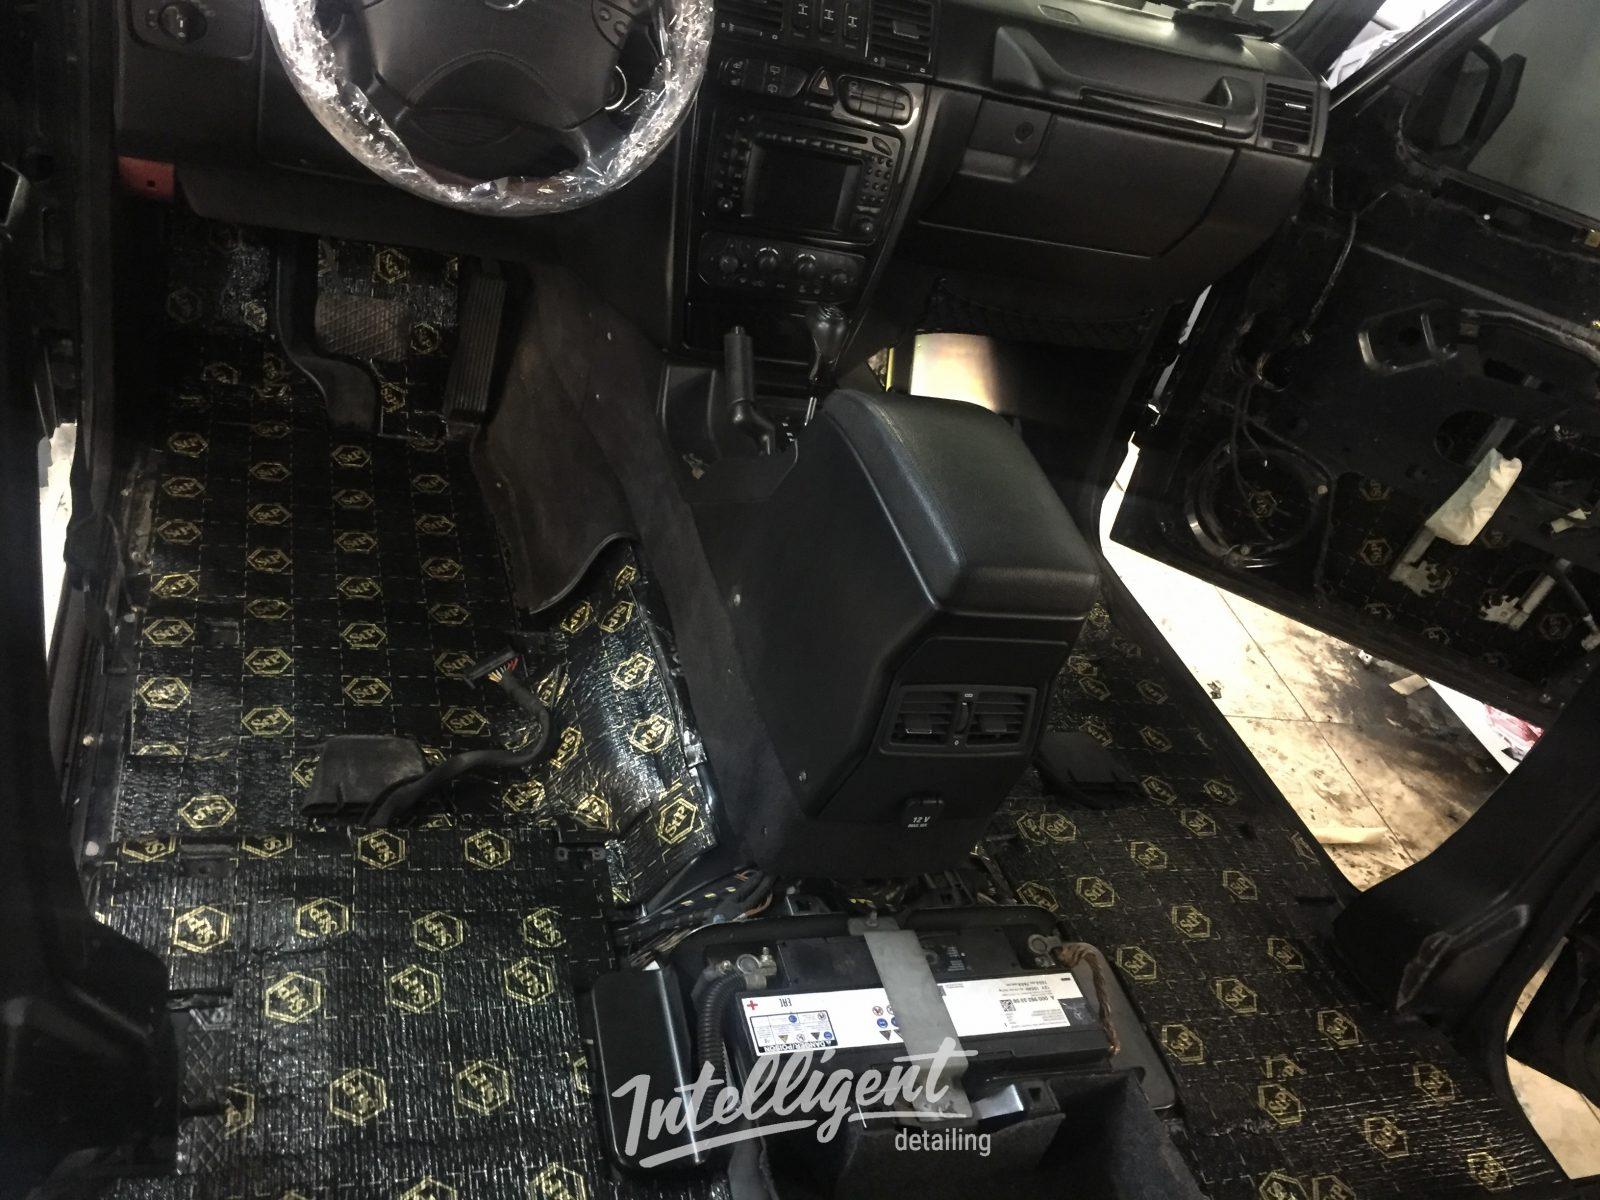 Mercedes g500 Galendwagen шумоизоляция